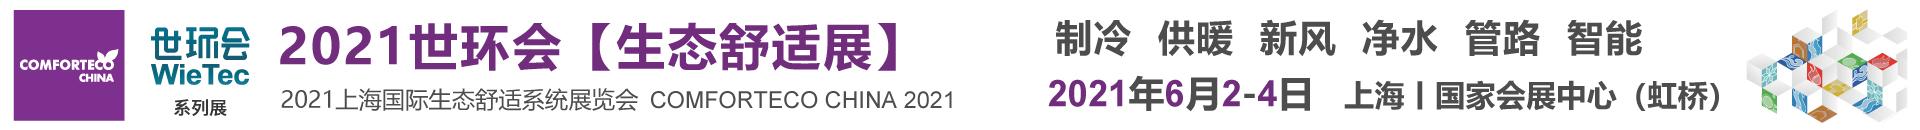 2021世环会【生态舒适展】